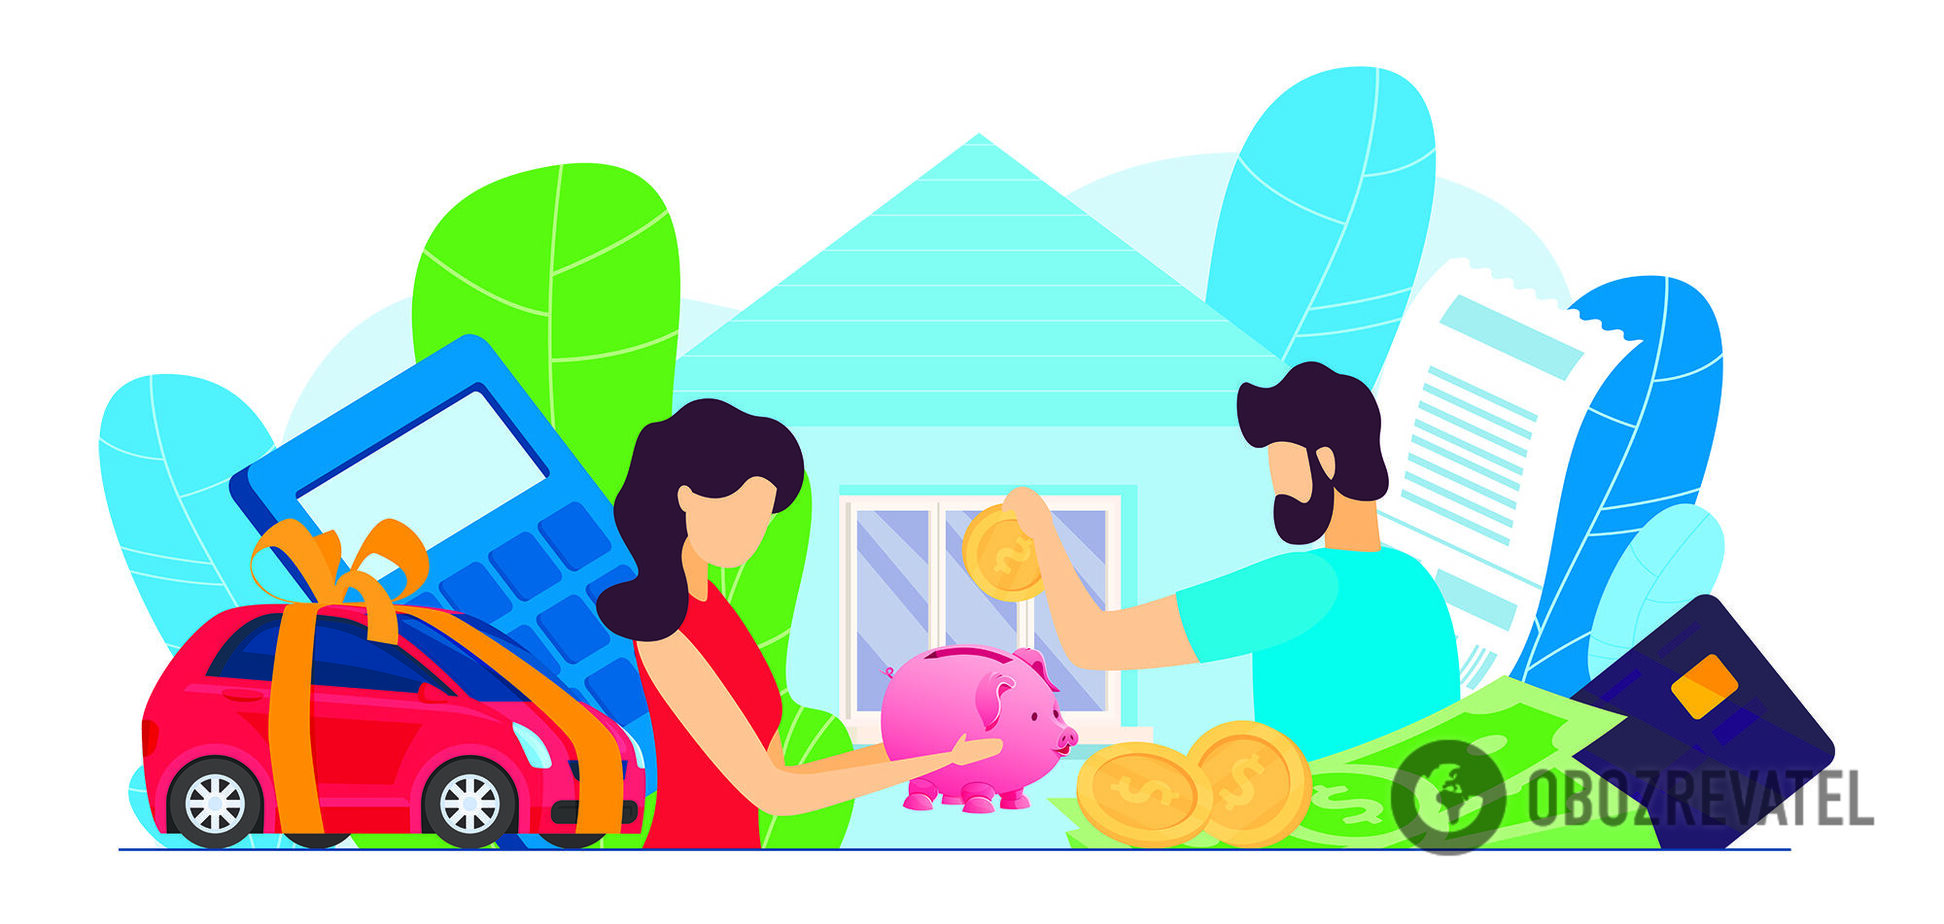 Школа финансовой грамотности: правила разумного обращения с деньгами